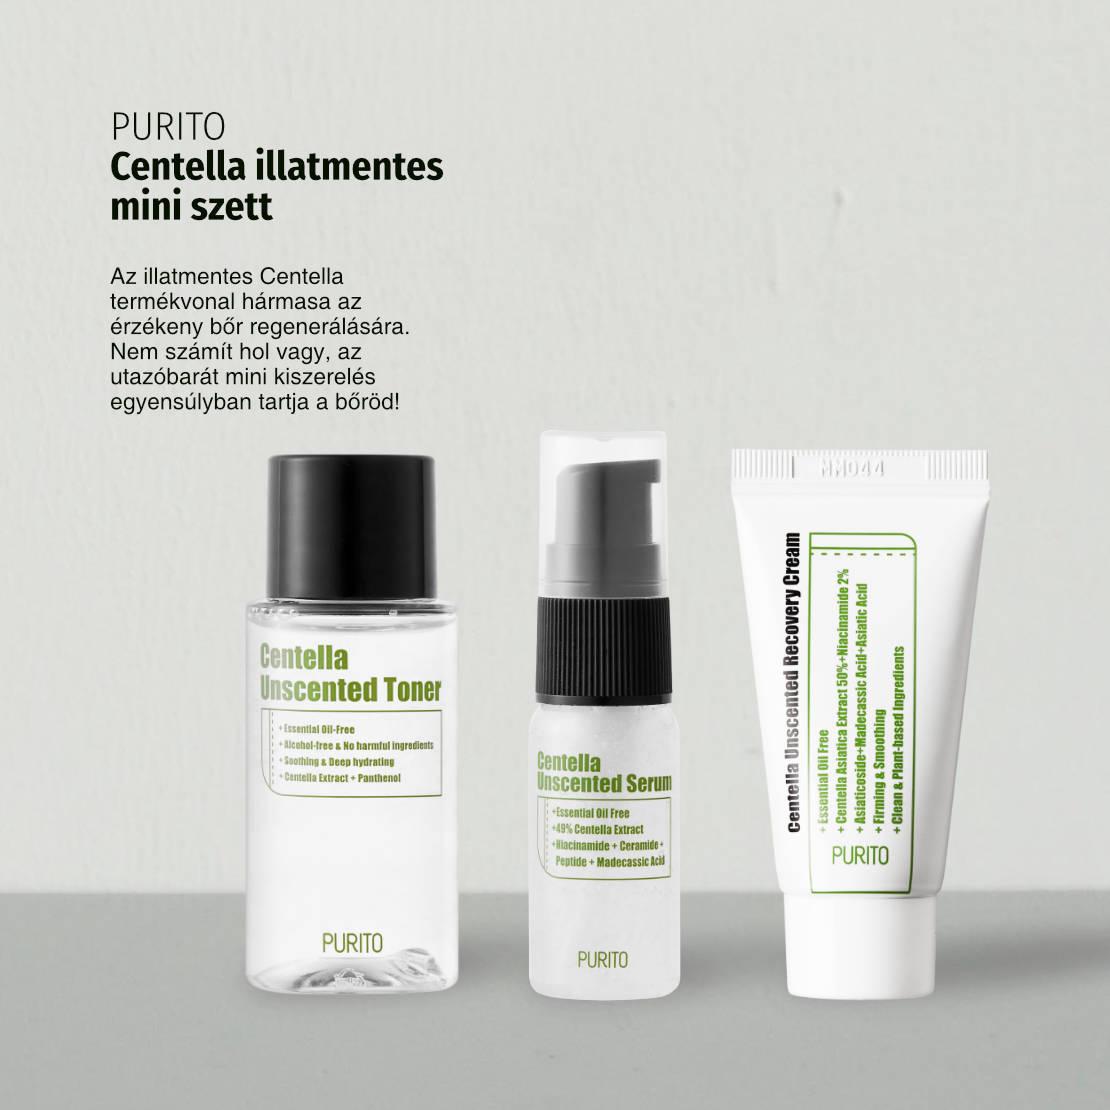 Purito-Centella-illatmentes-mini-szett